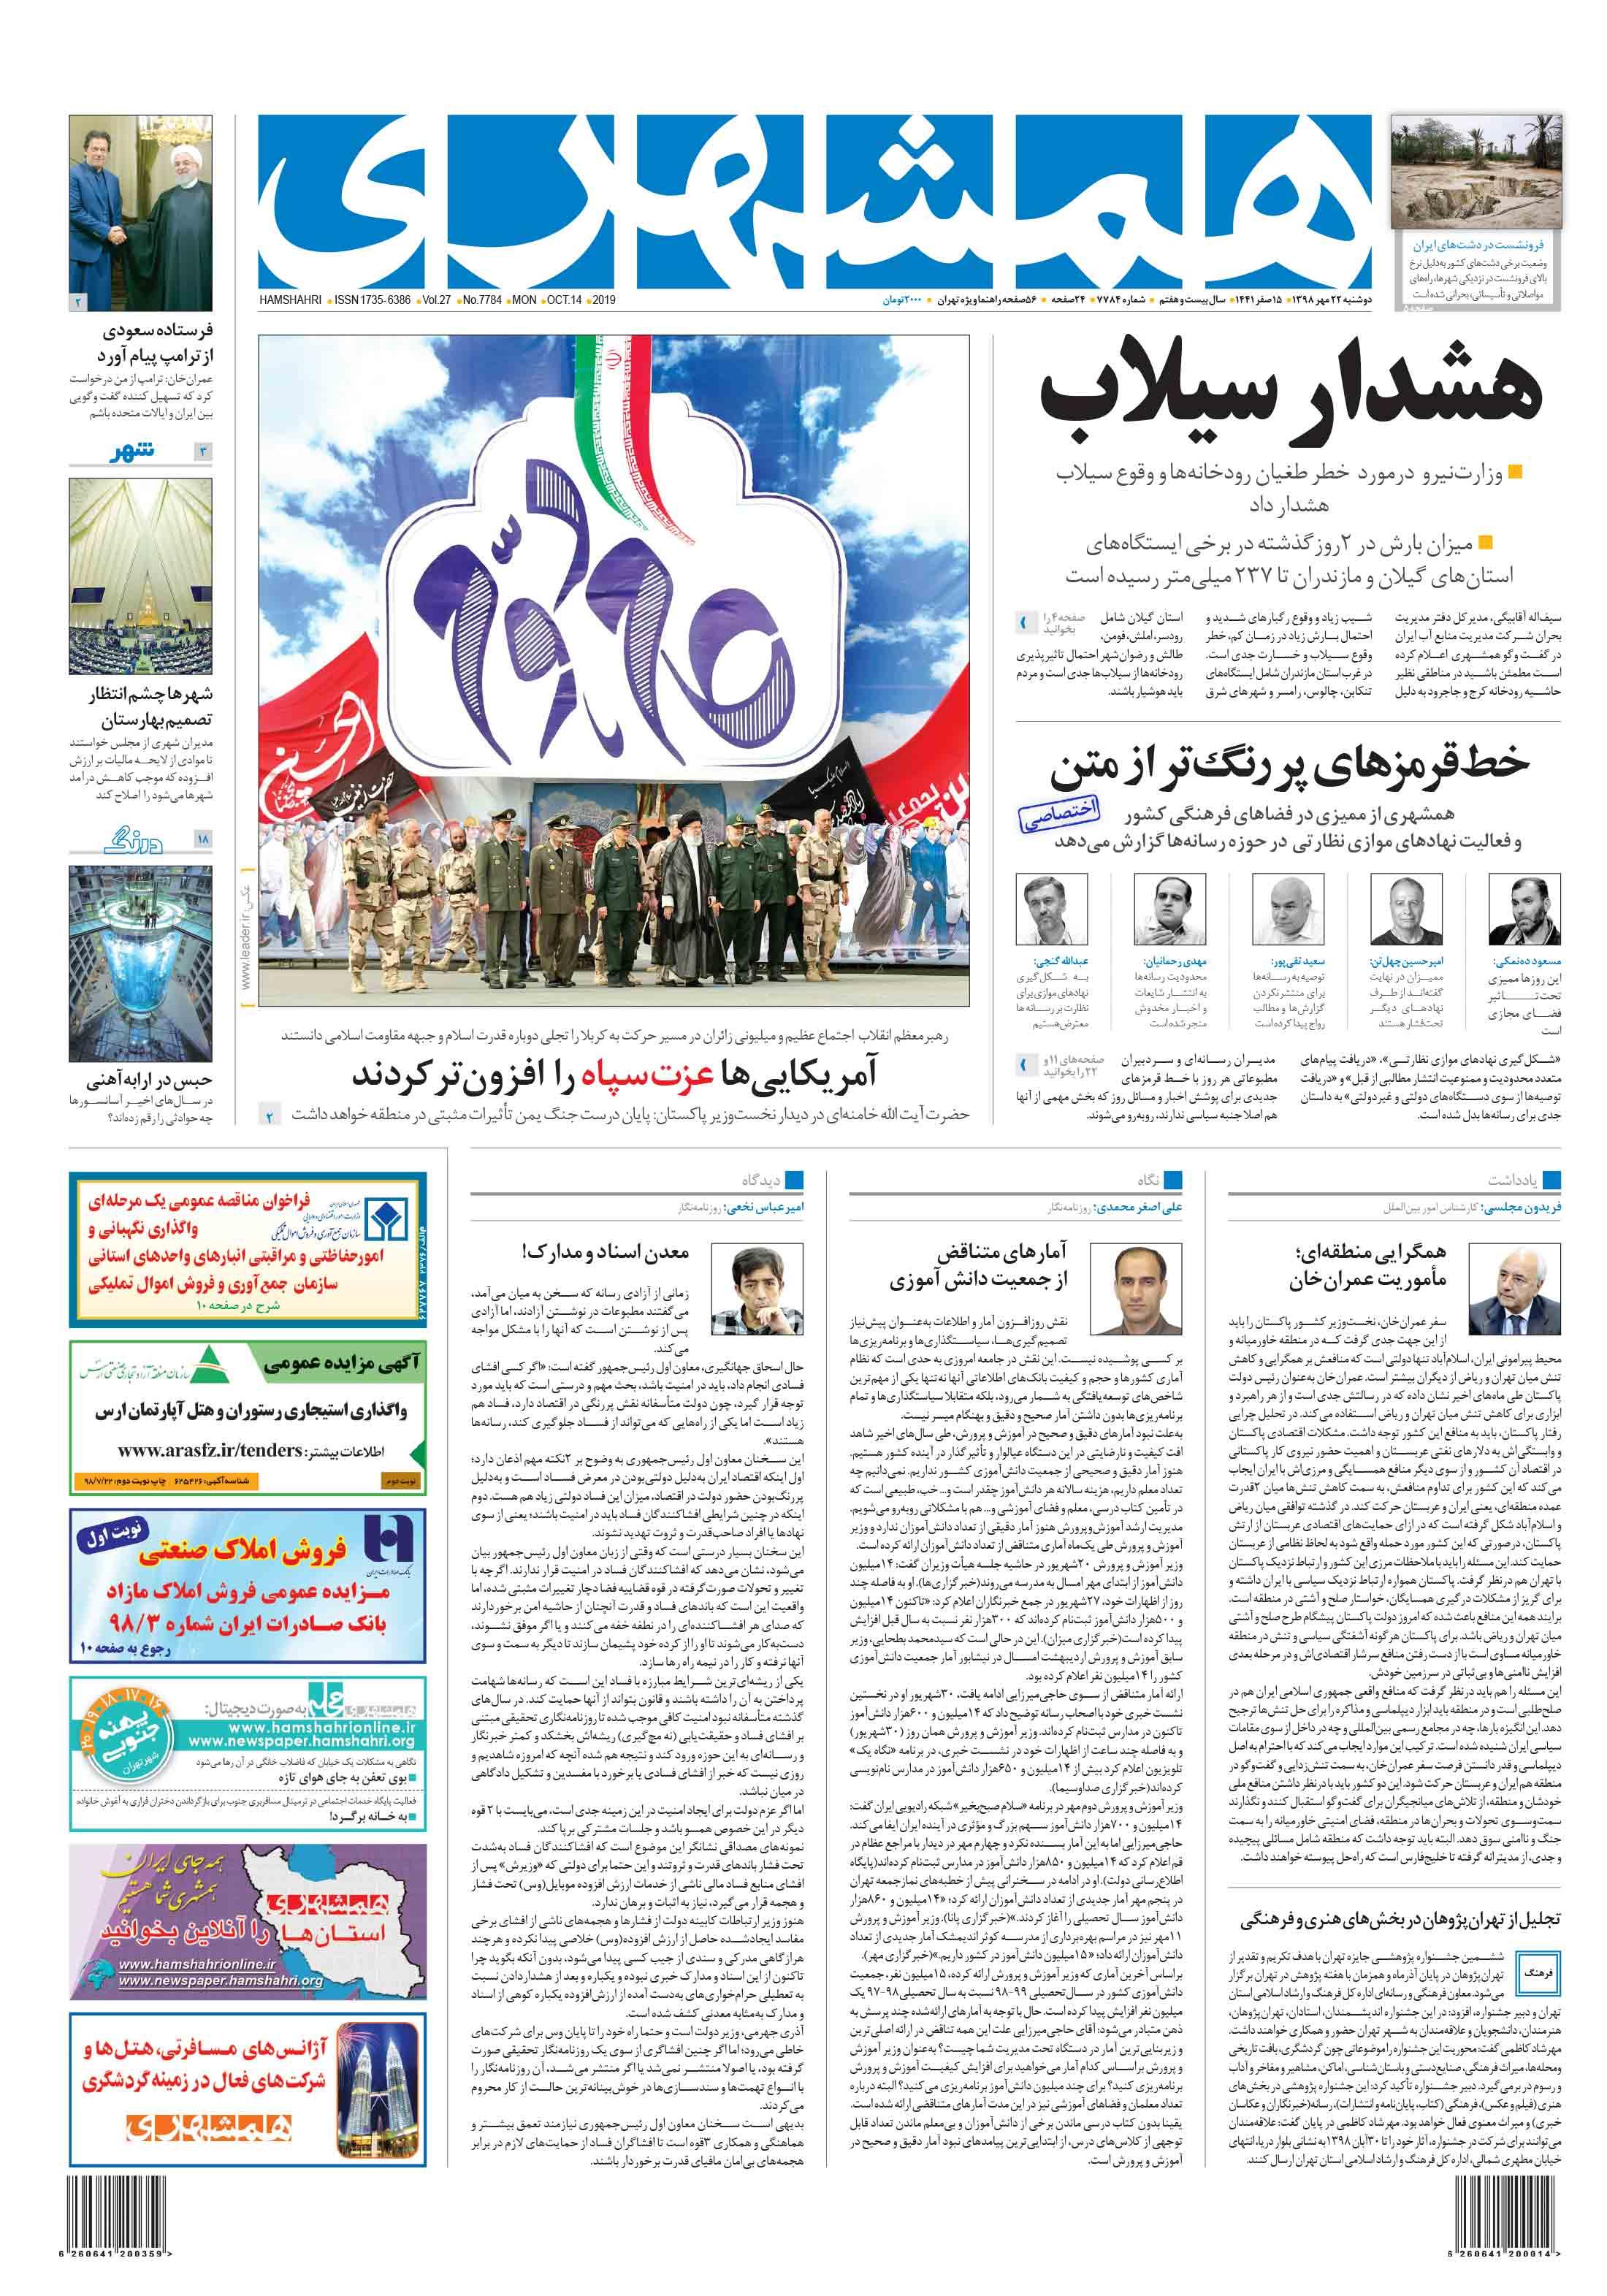 صفحه اول دوشنبه 22 مهر 1398